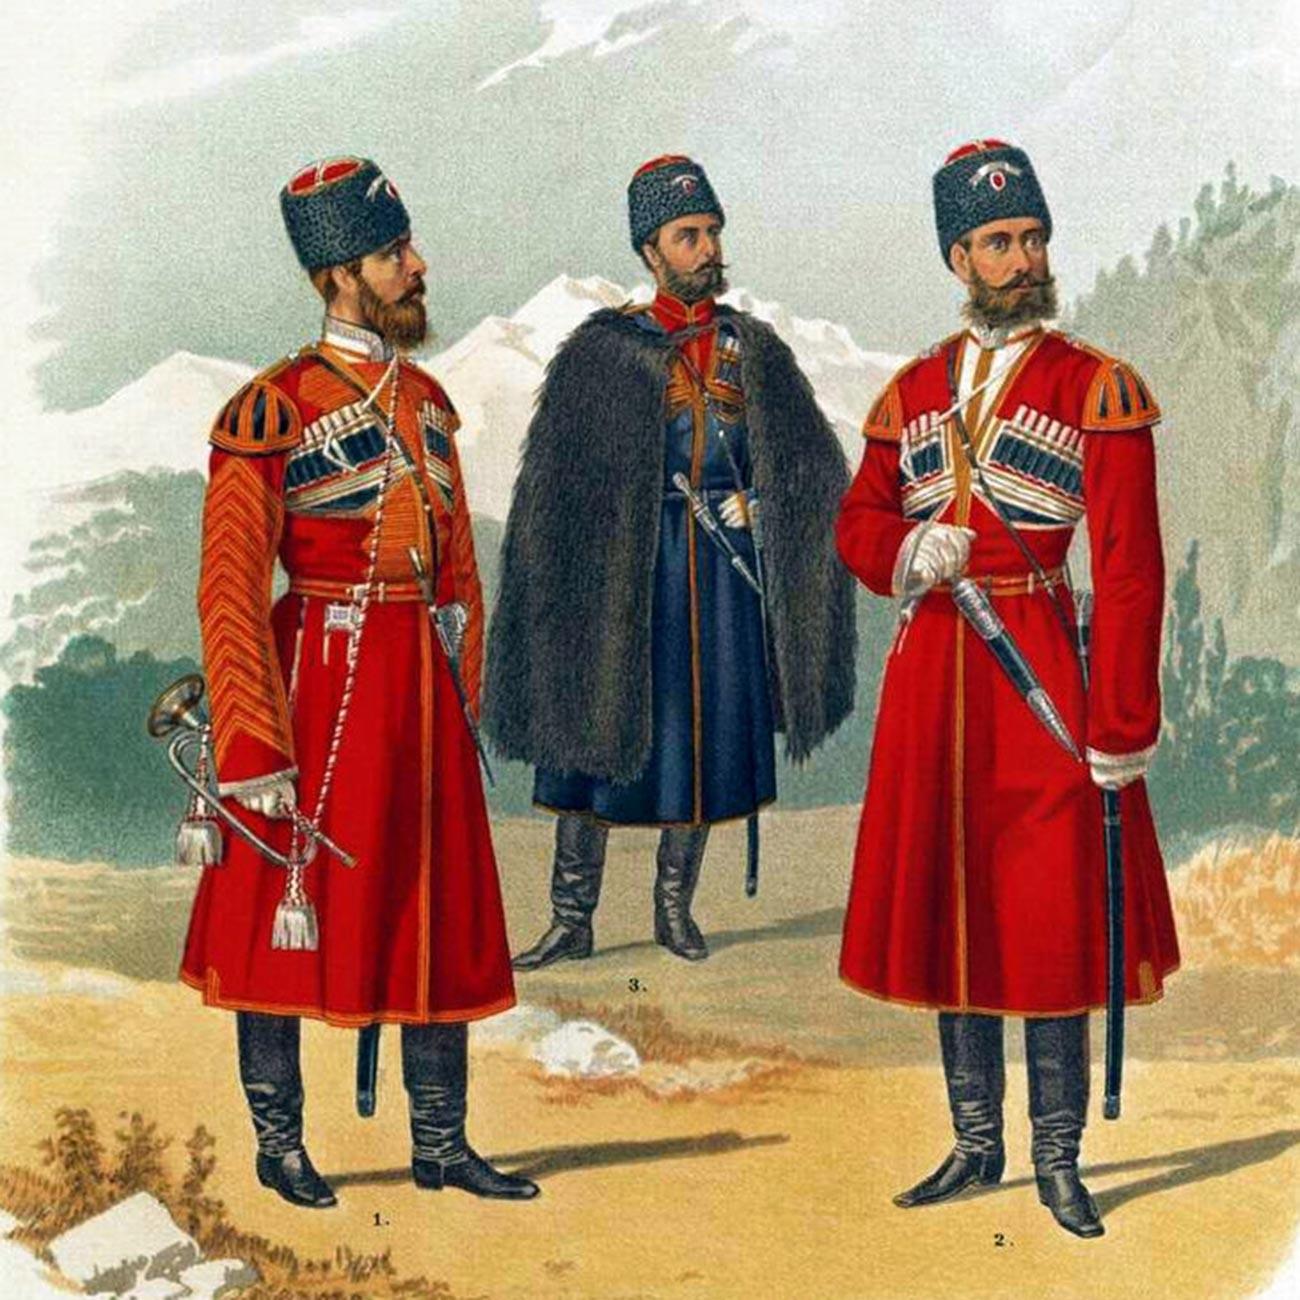 Uniformi dei cosacchi della Scorta personale di Sua Maestà